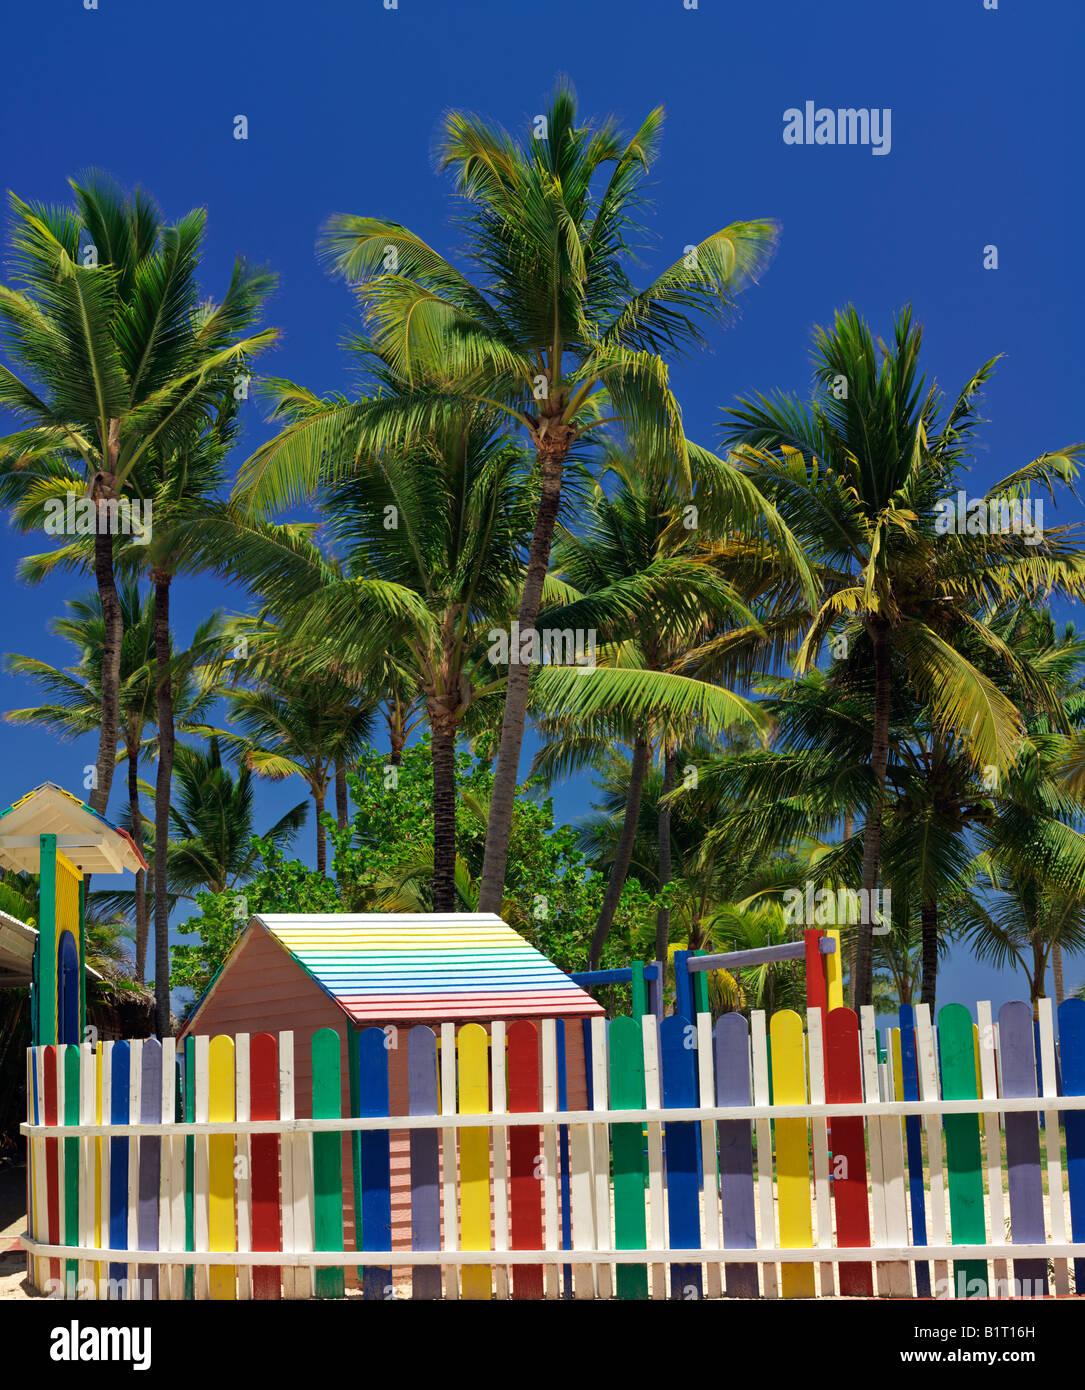 Dominican Republic Punta Cana Bavaro Beach multi colored picket ...